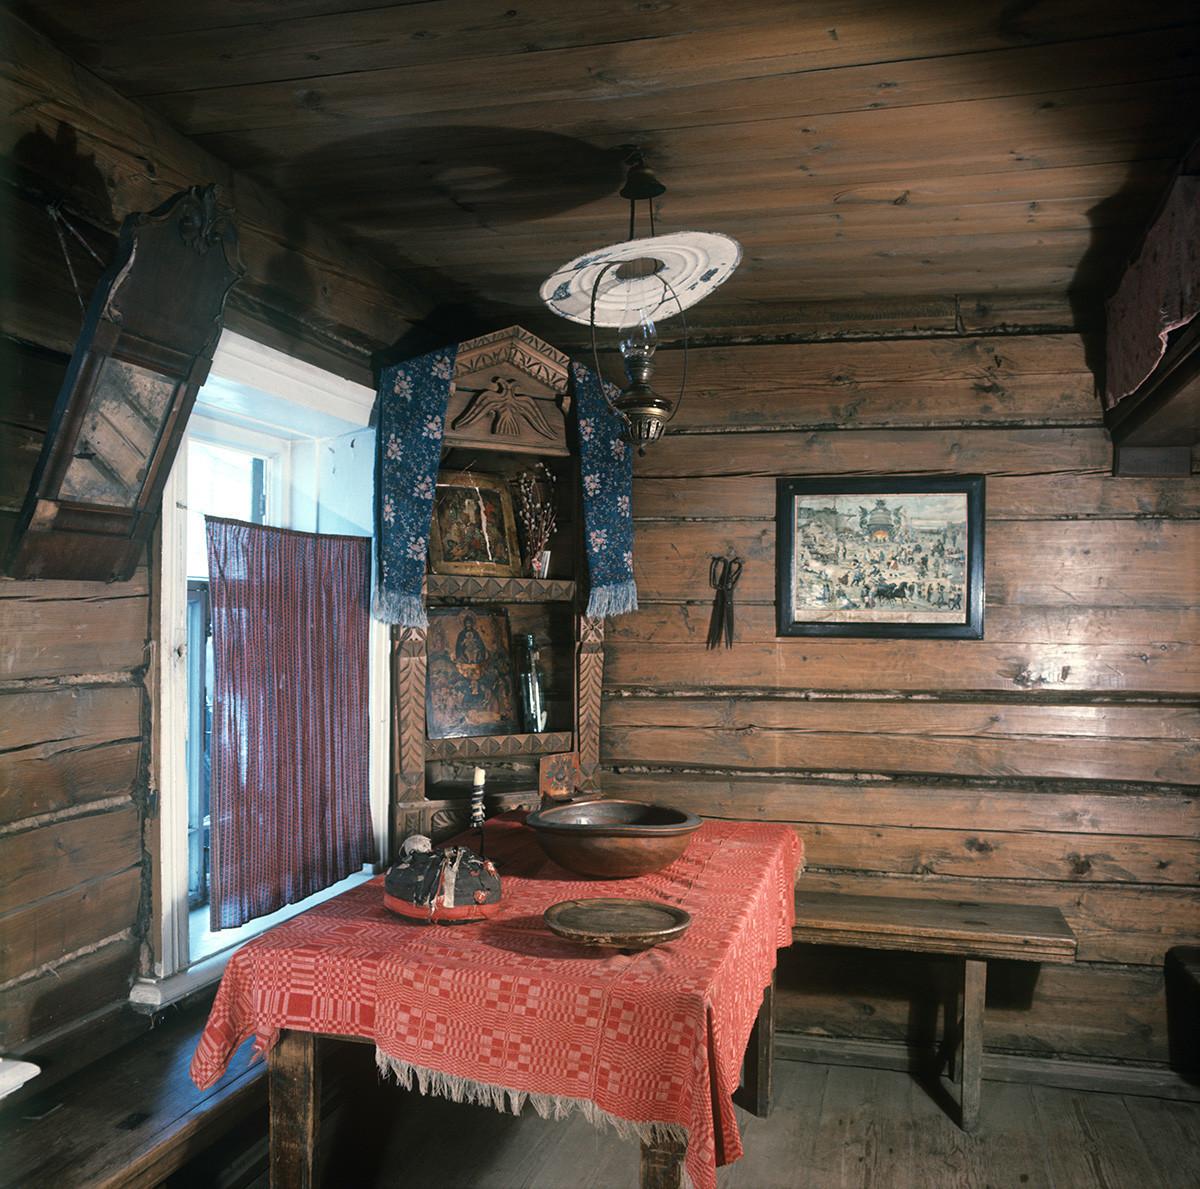 Hiša-muzej Gorkega iz časa otroštva, kuhinja.